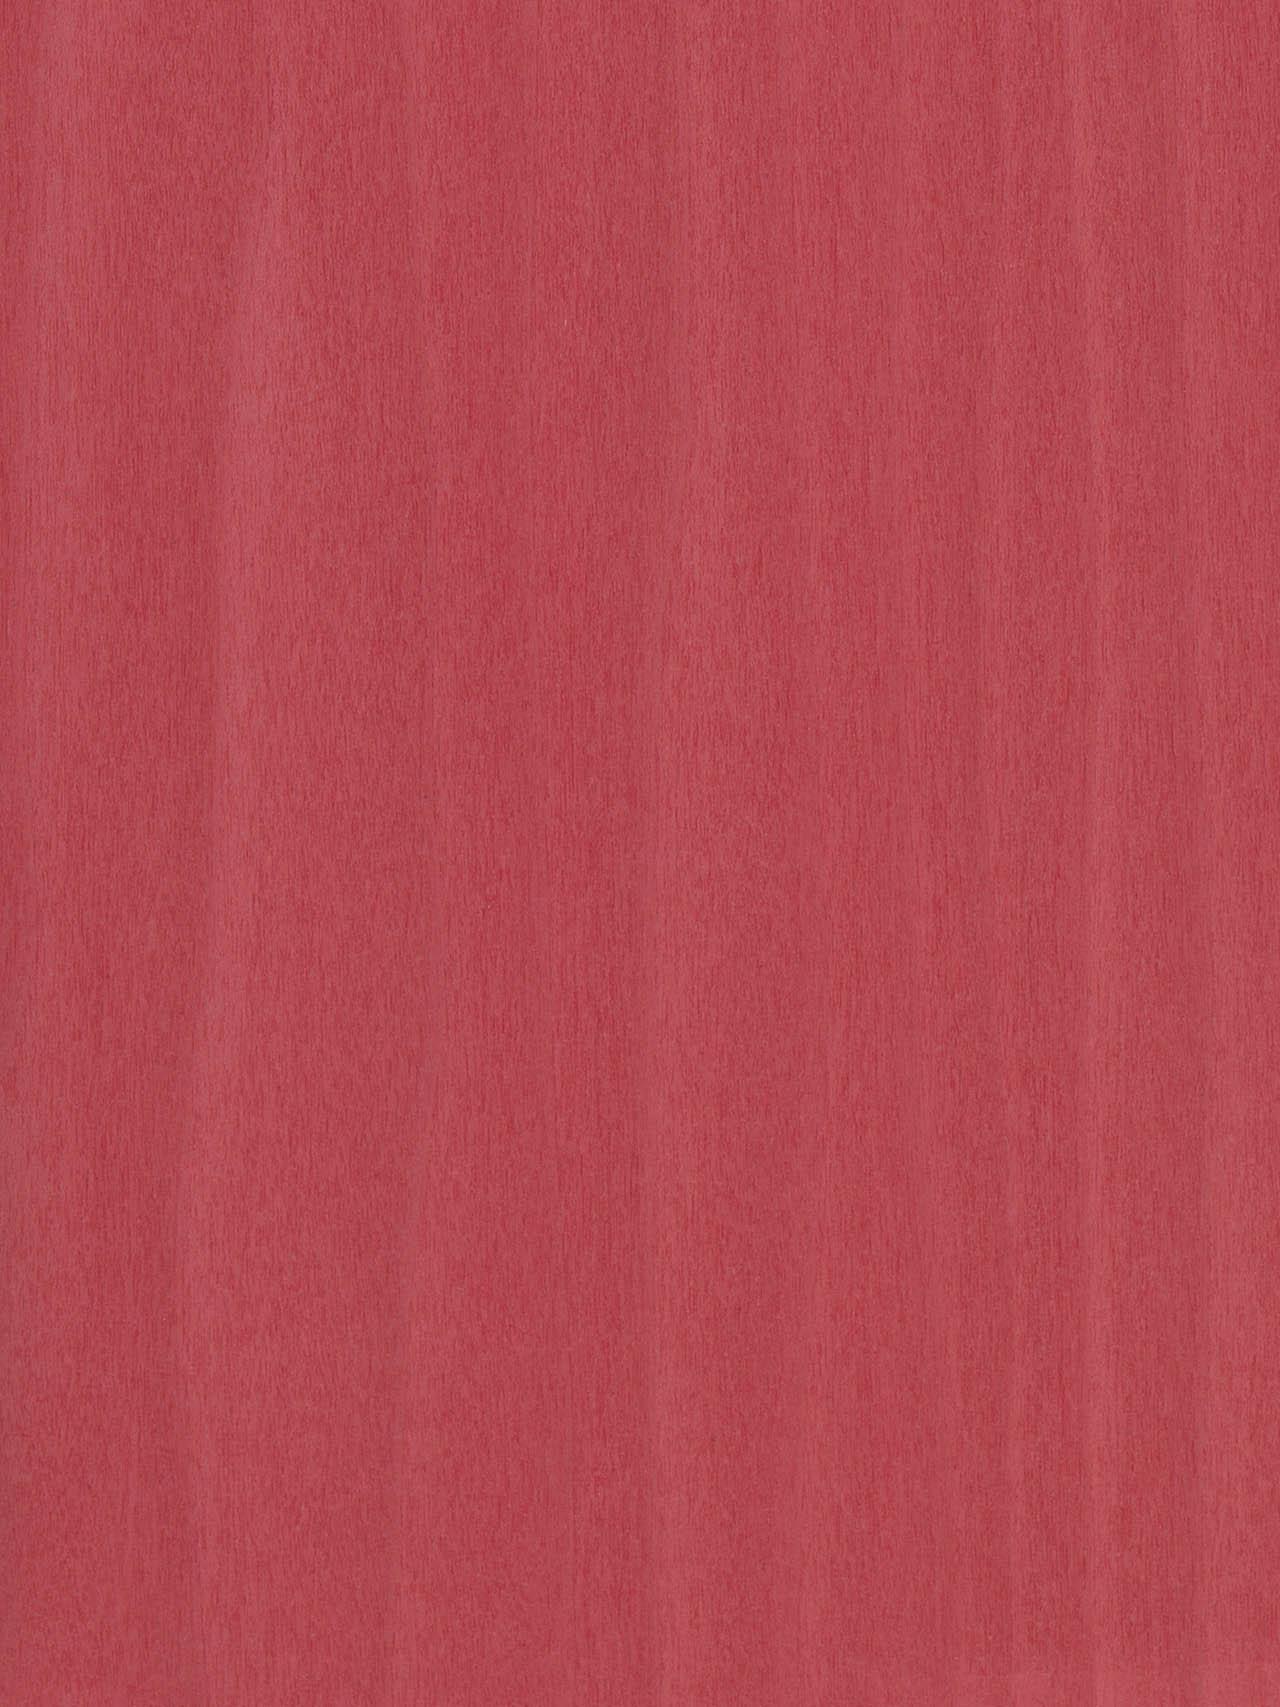 Chapa de madera Tulipié Amaranto RAF 106 Losán